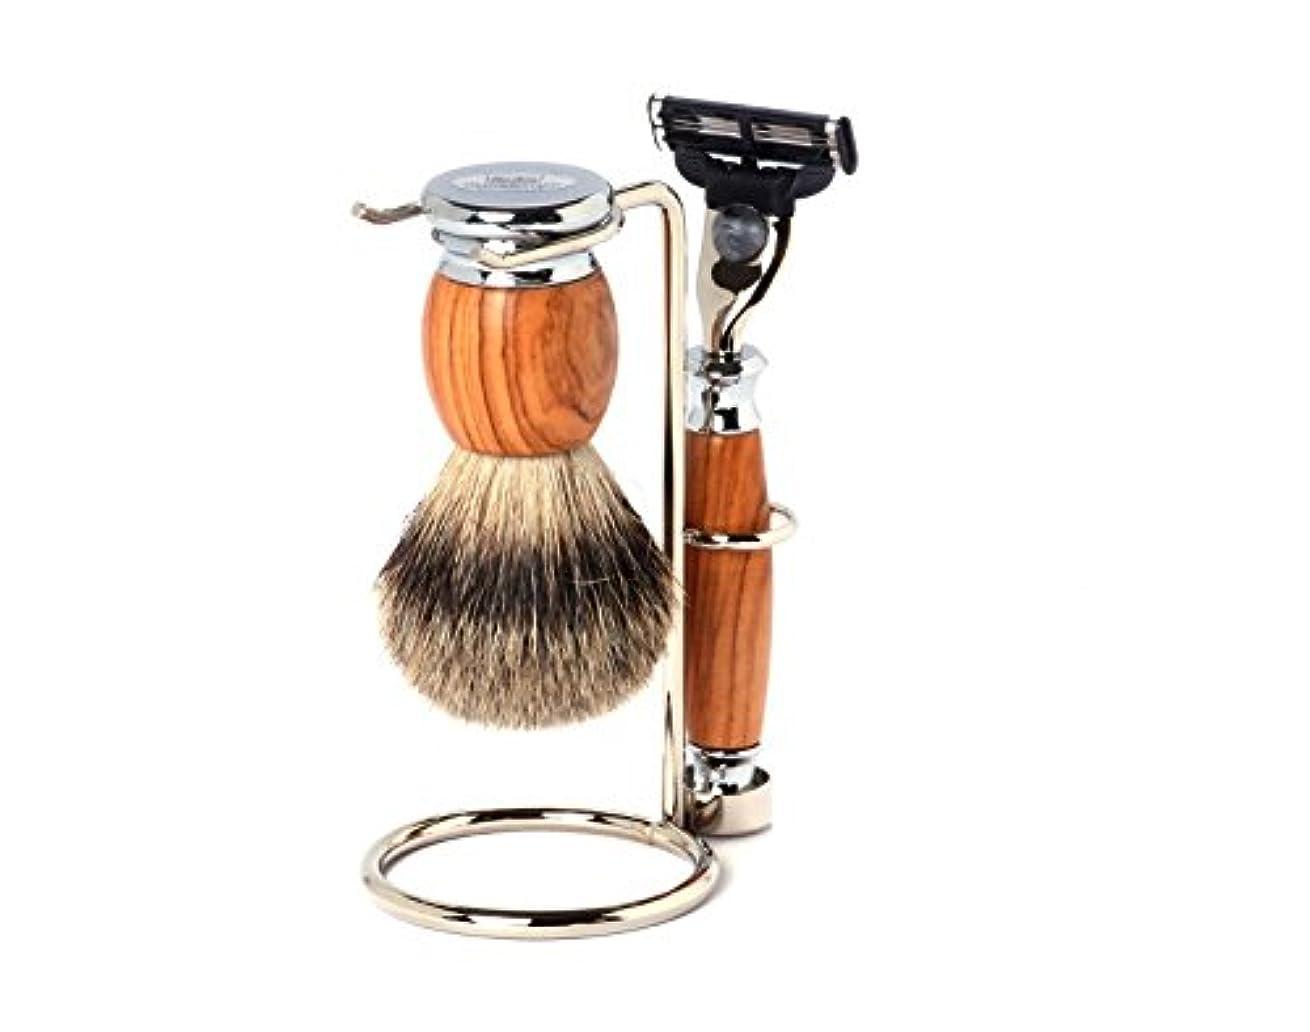 メンテナンスアートトリッキーShaving Set Olive, Mach3 razor, silvertip brush and stand - Hans Baier